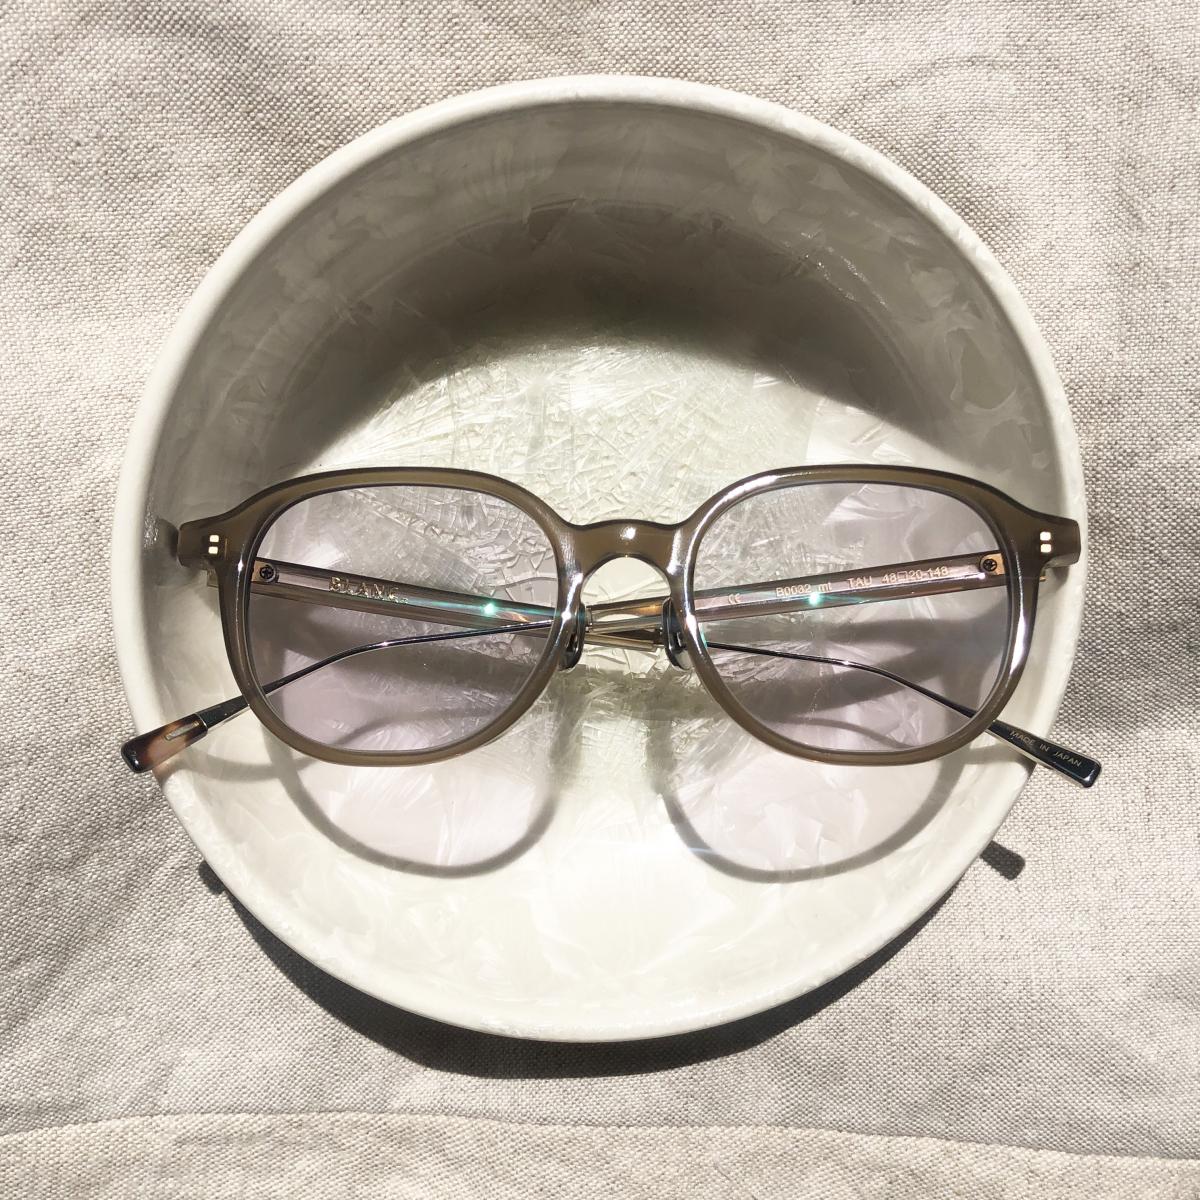 半透明なブラウンのフレームは抜け感があっておしゃれ。伊達メガネとしても使えます。 B0032mt-PC TAUPE / CLR - GRY ¥37,000/BLANC.